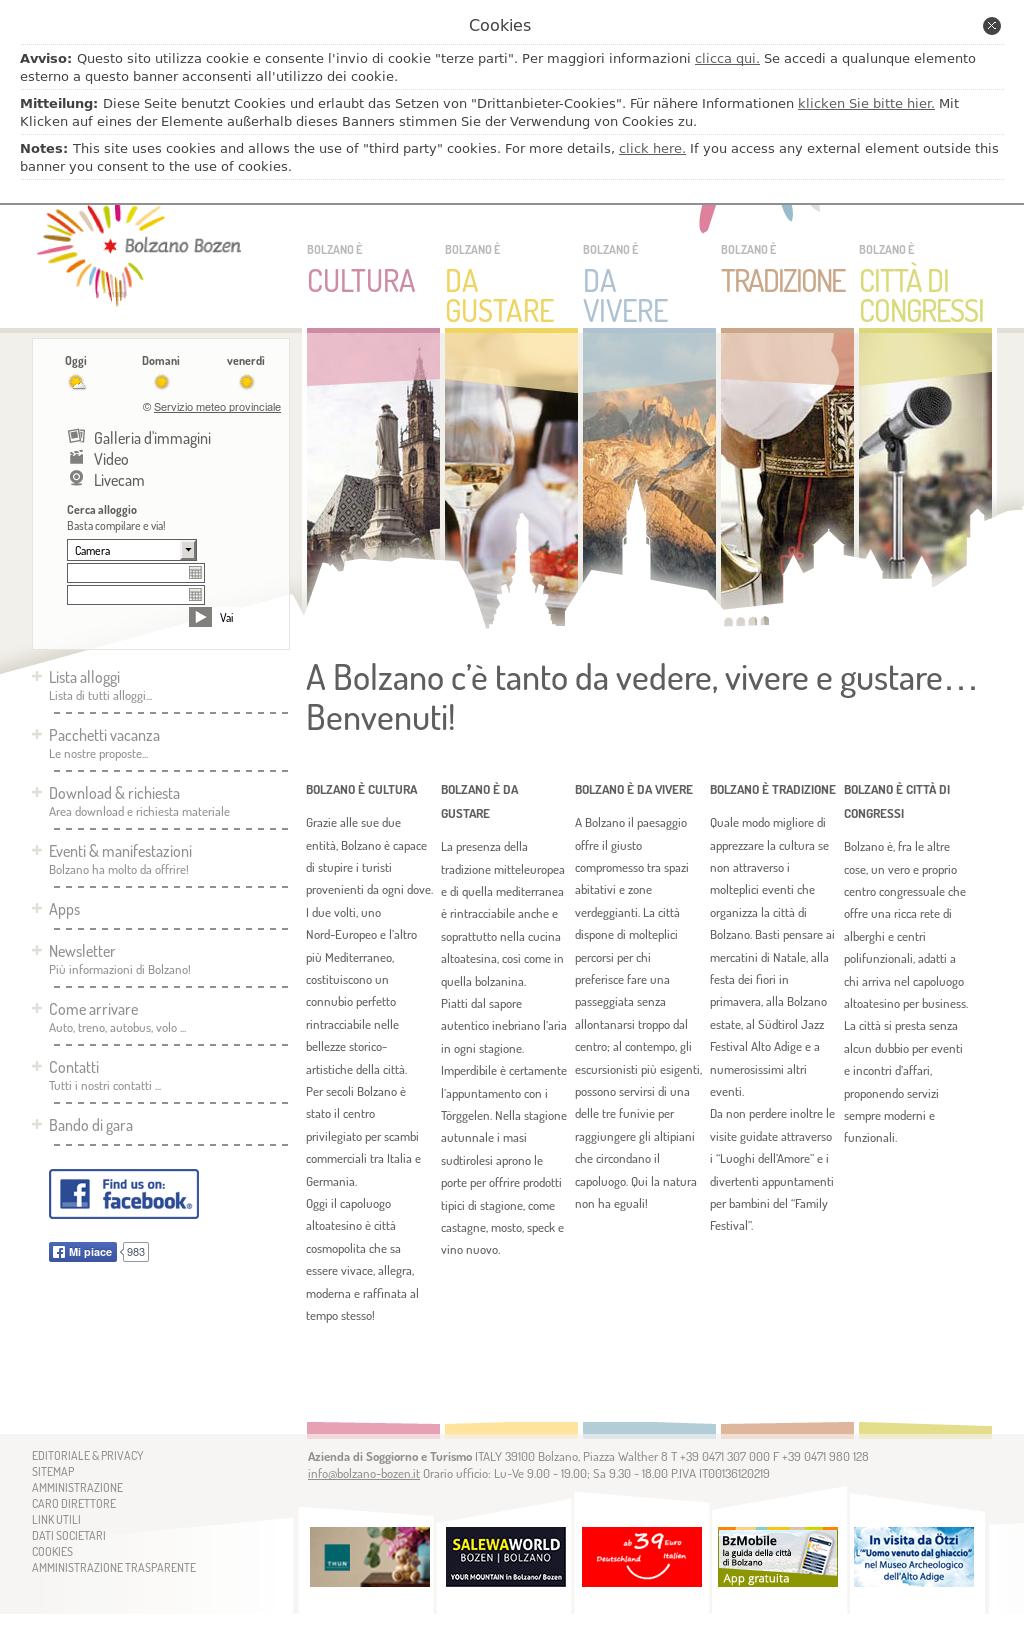 Beautiful Azienda Di Soggiorno Bolzano Gallery - dairiakymber.com ...